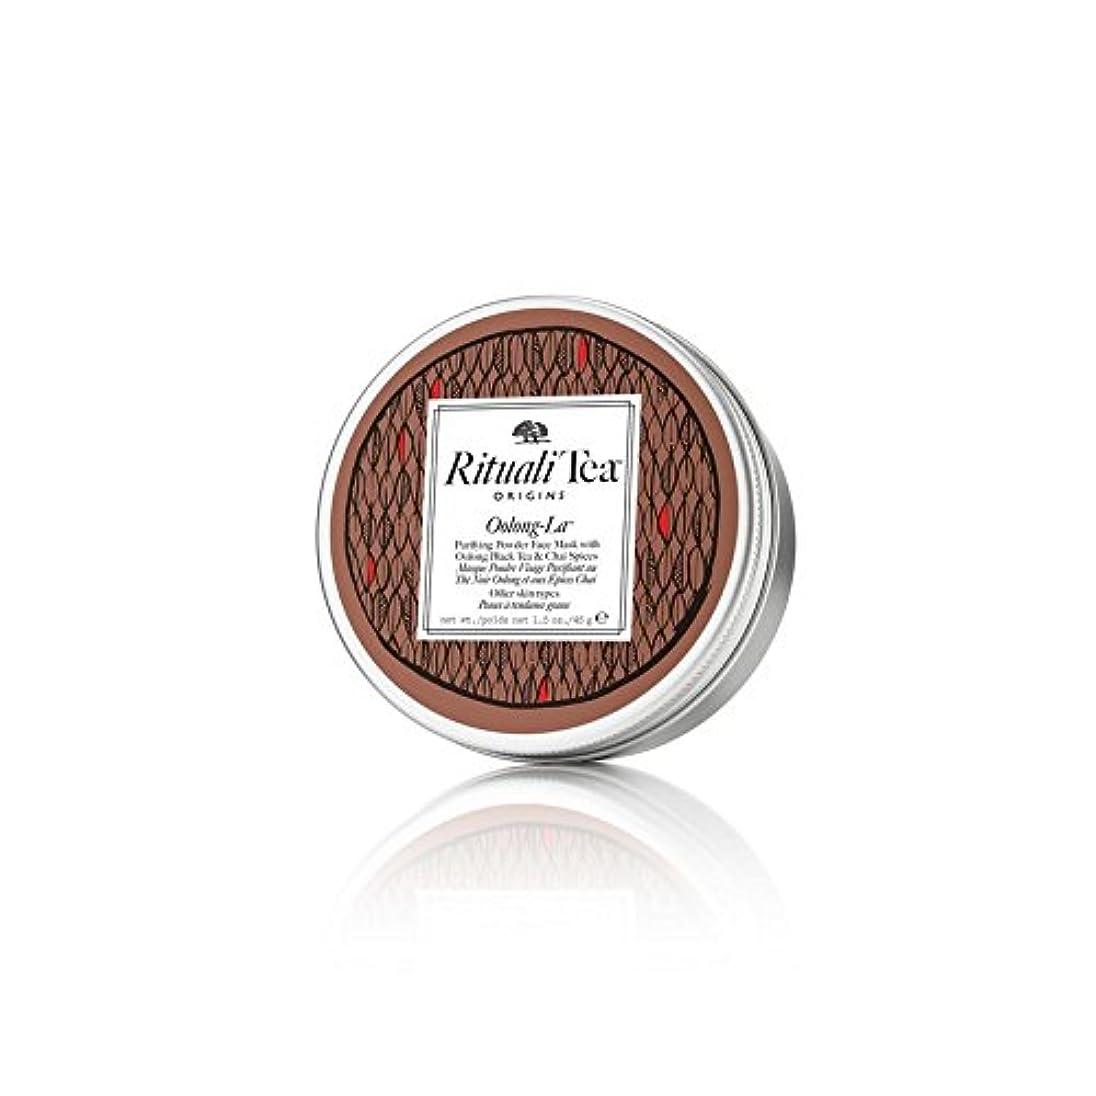 ライバル数学者五月起源抹茶フェイスマスク烏龍茶ラ45グラム x2 - Origins Powdered Tea Face Mask Oolong-La 45g (Pack of 2) [並行輸入品]